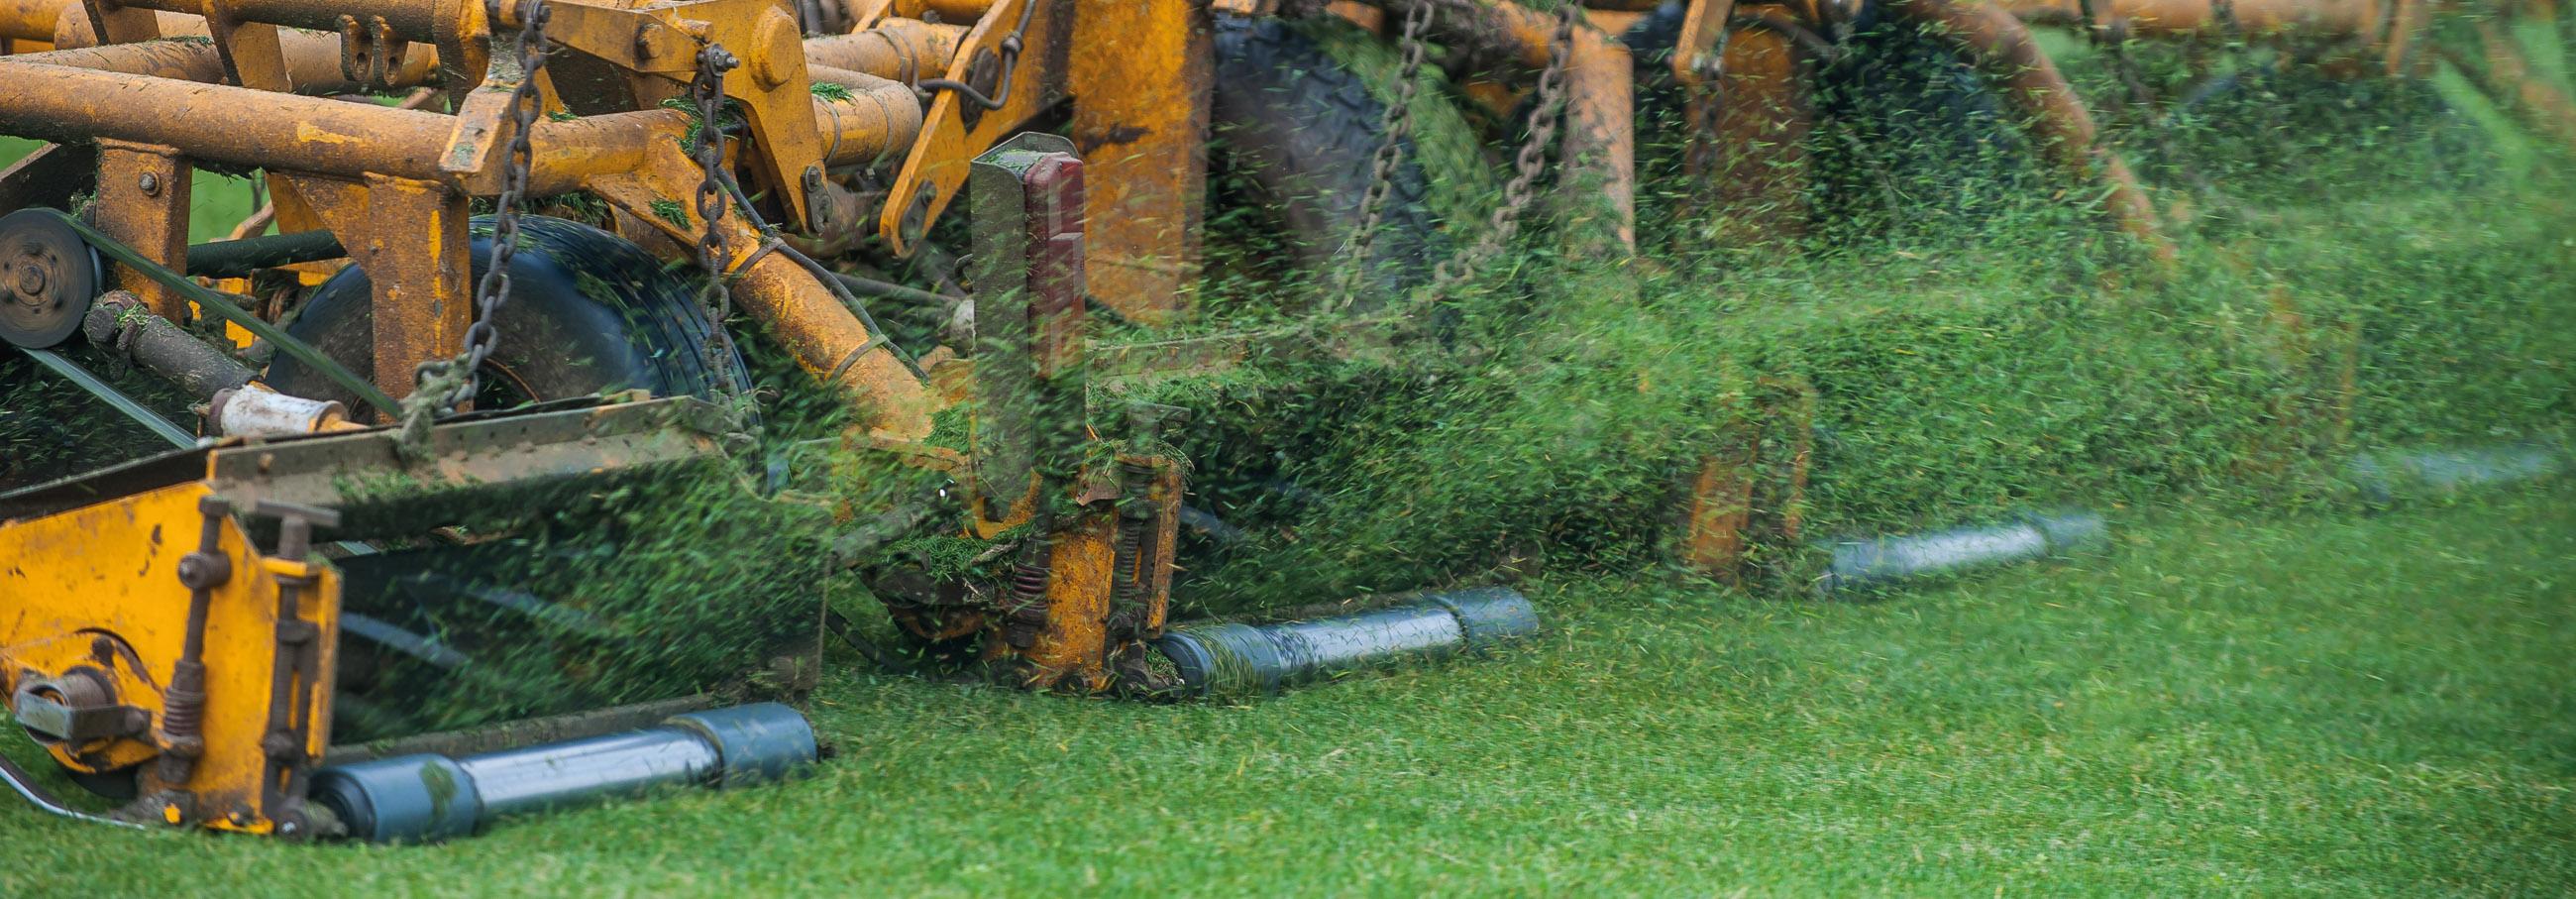 Oprollen graszoden